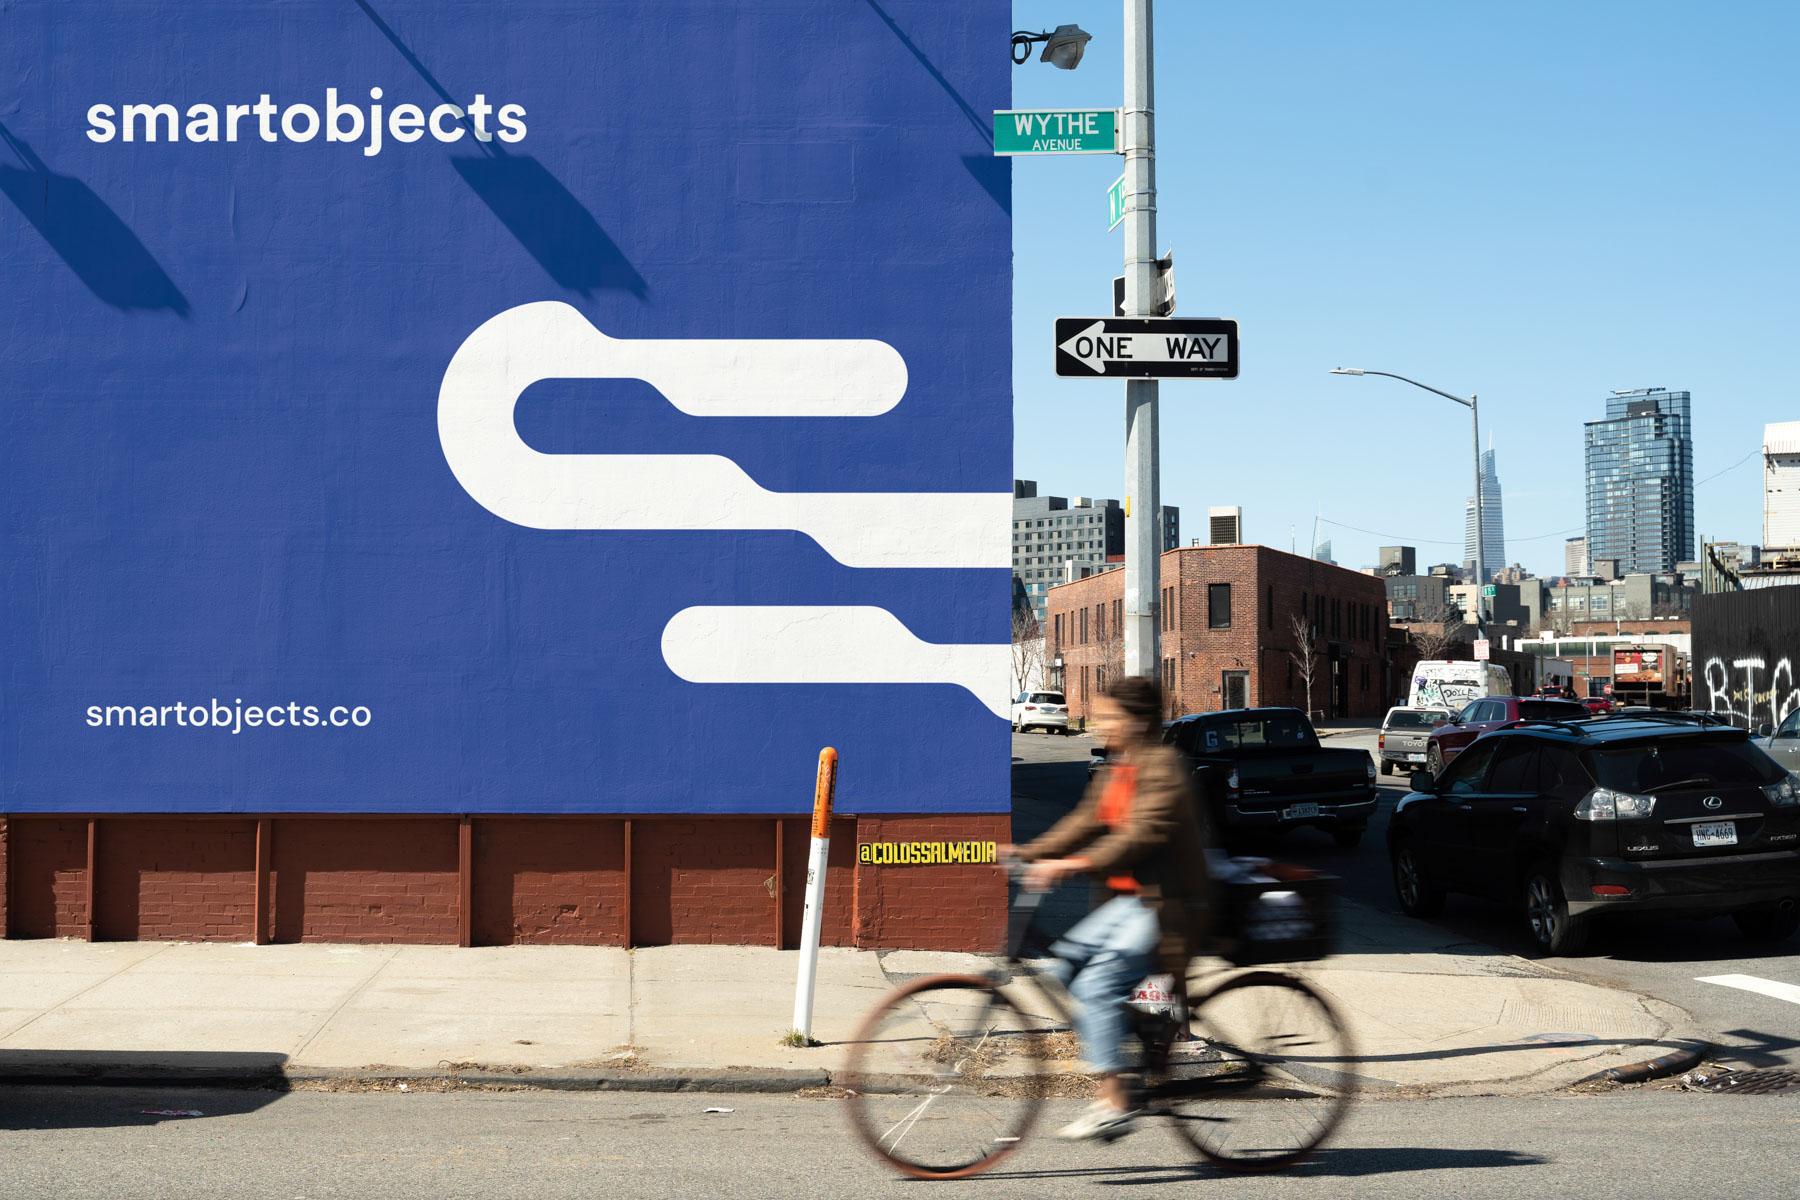 Smart_Objects_Wall_Mockup_01_Blue copy-2